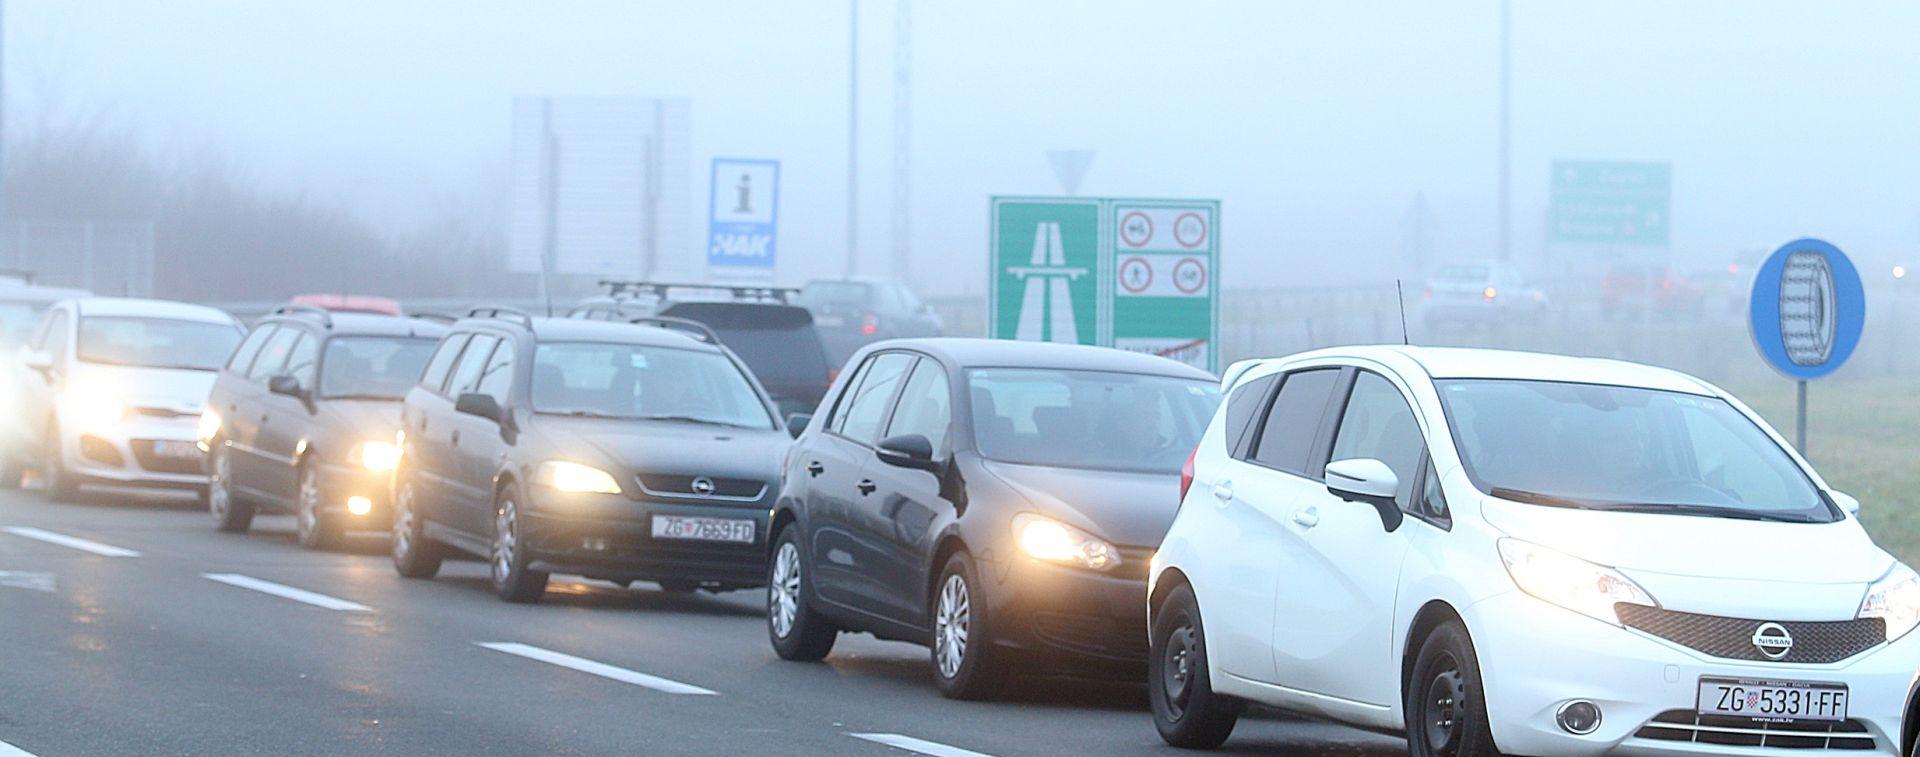 PRVI ROĐENDAN BlaBlaCar-a: Hrvati su razgovorljivi i vole dijeliti prijevoz